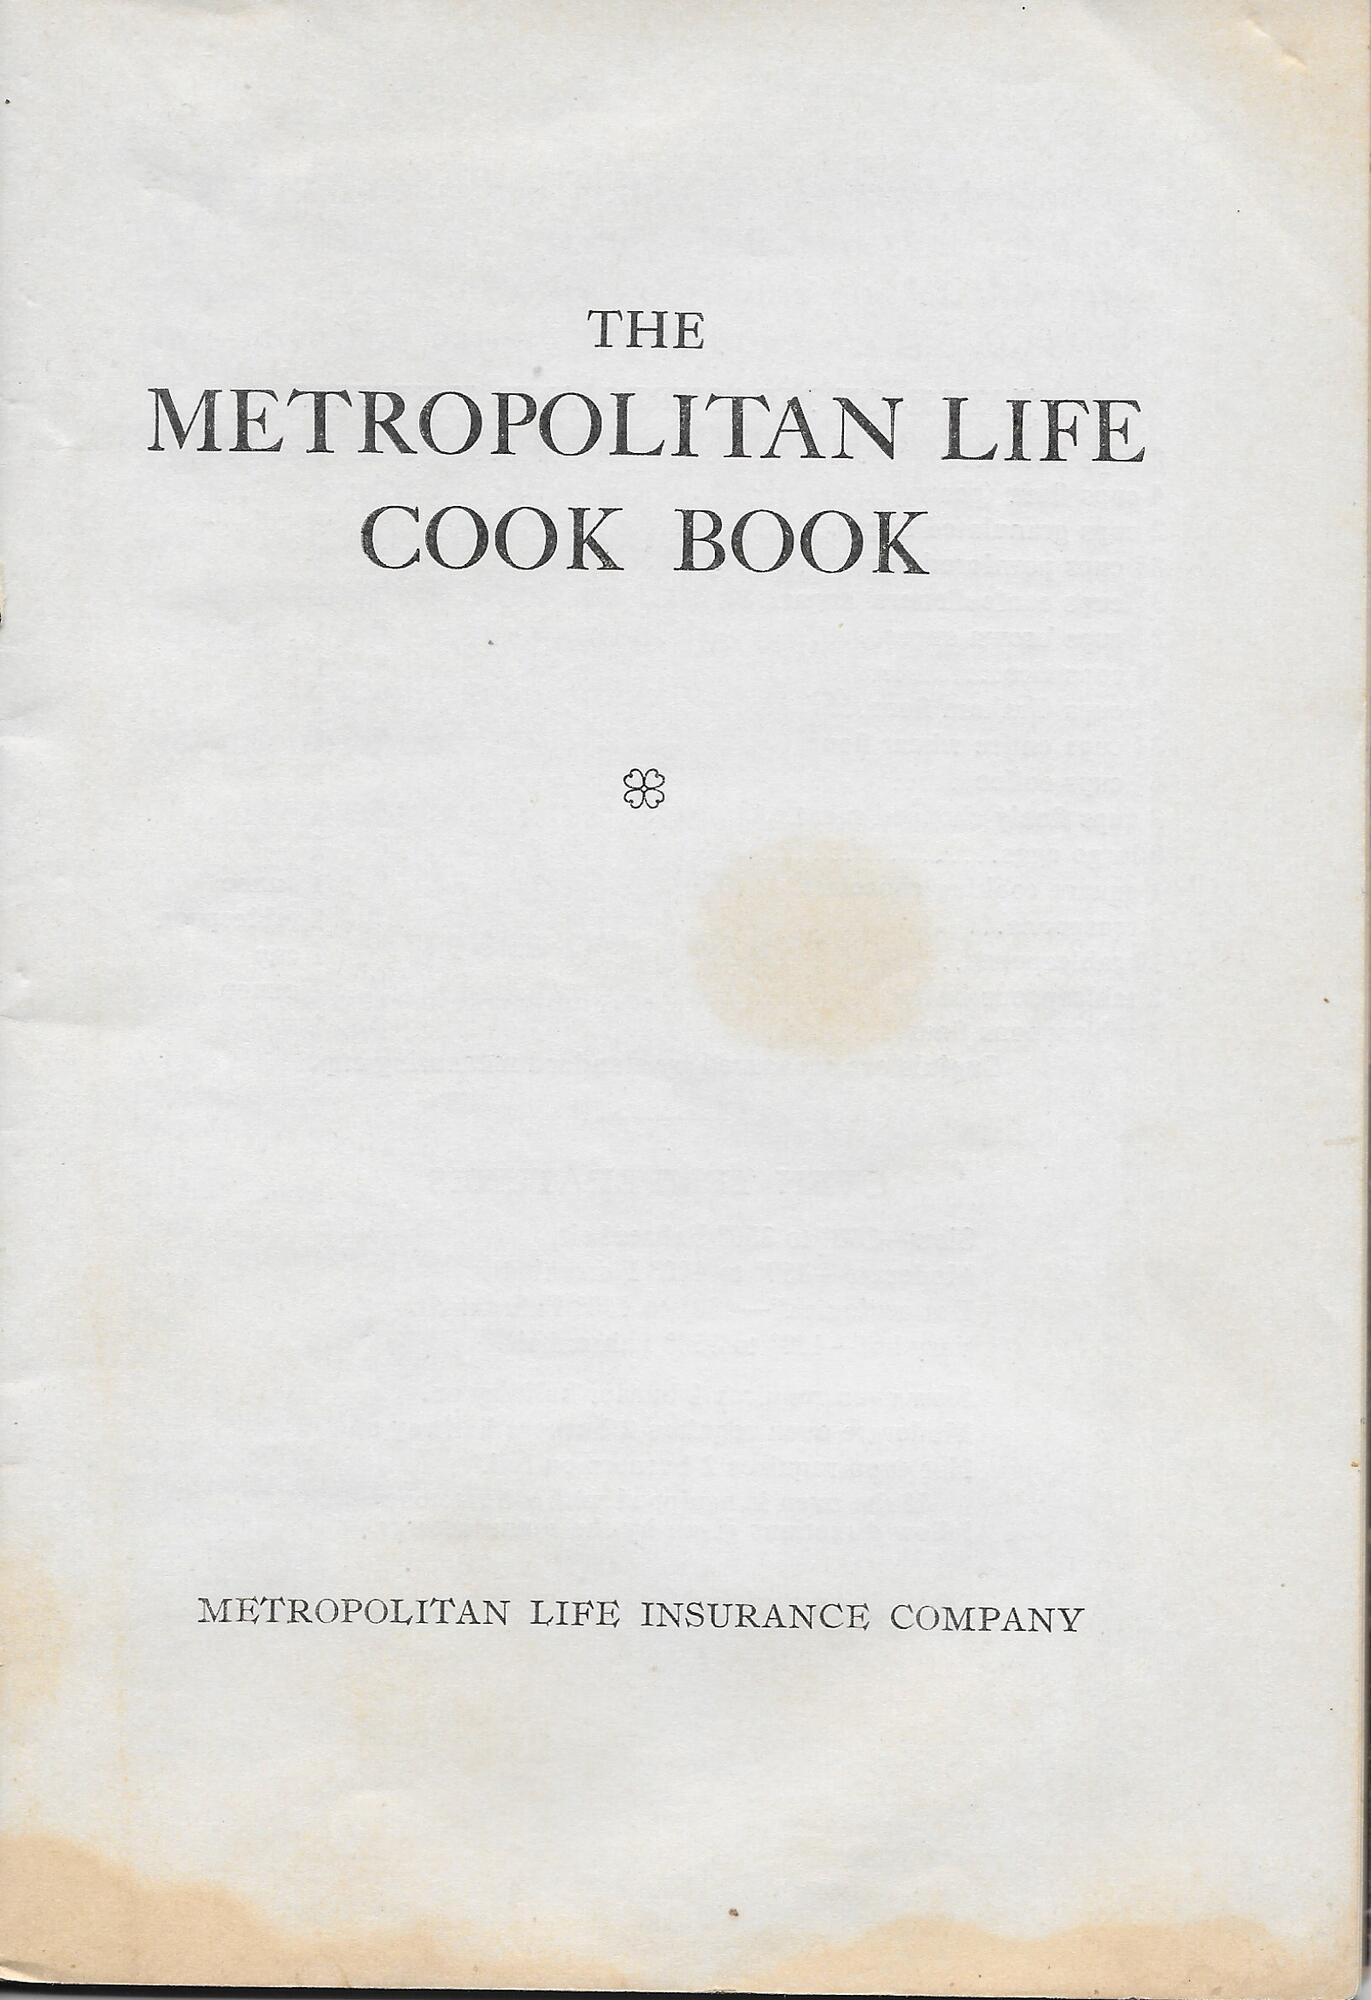 Metropolitan Life Cook Book.jpeg